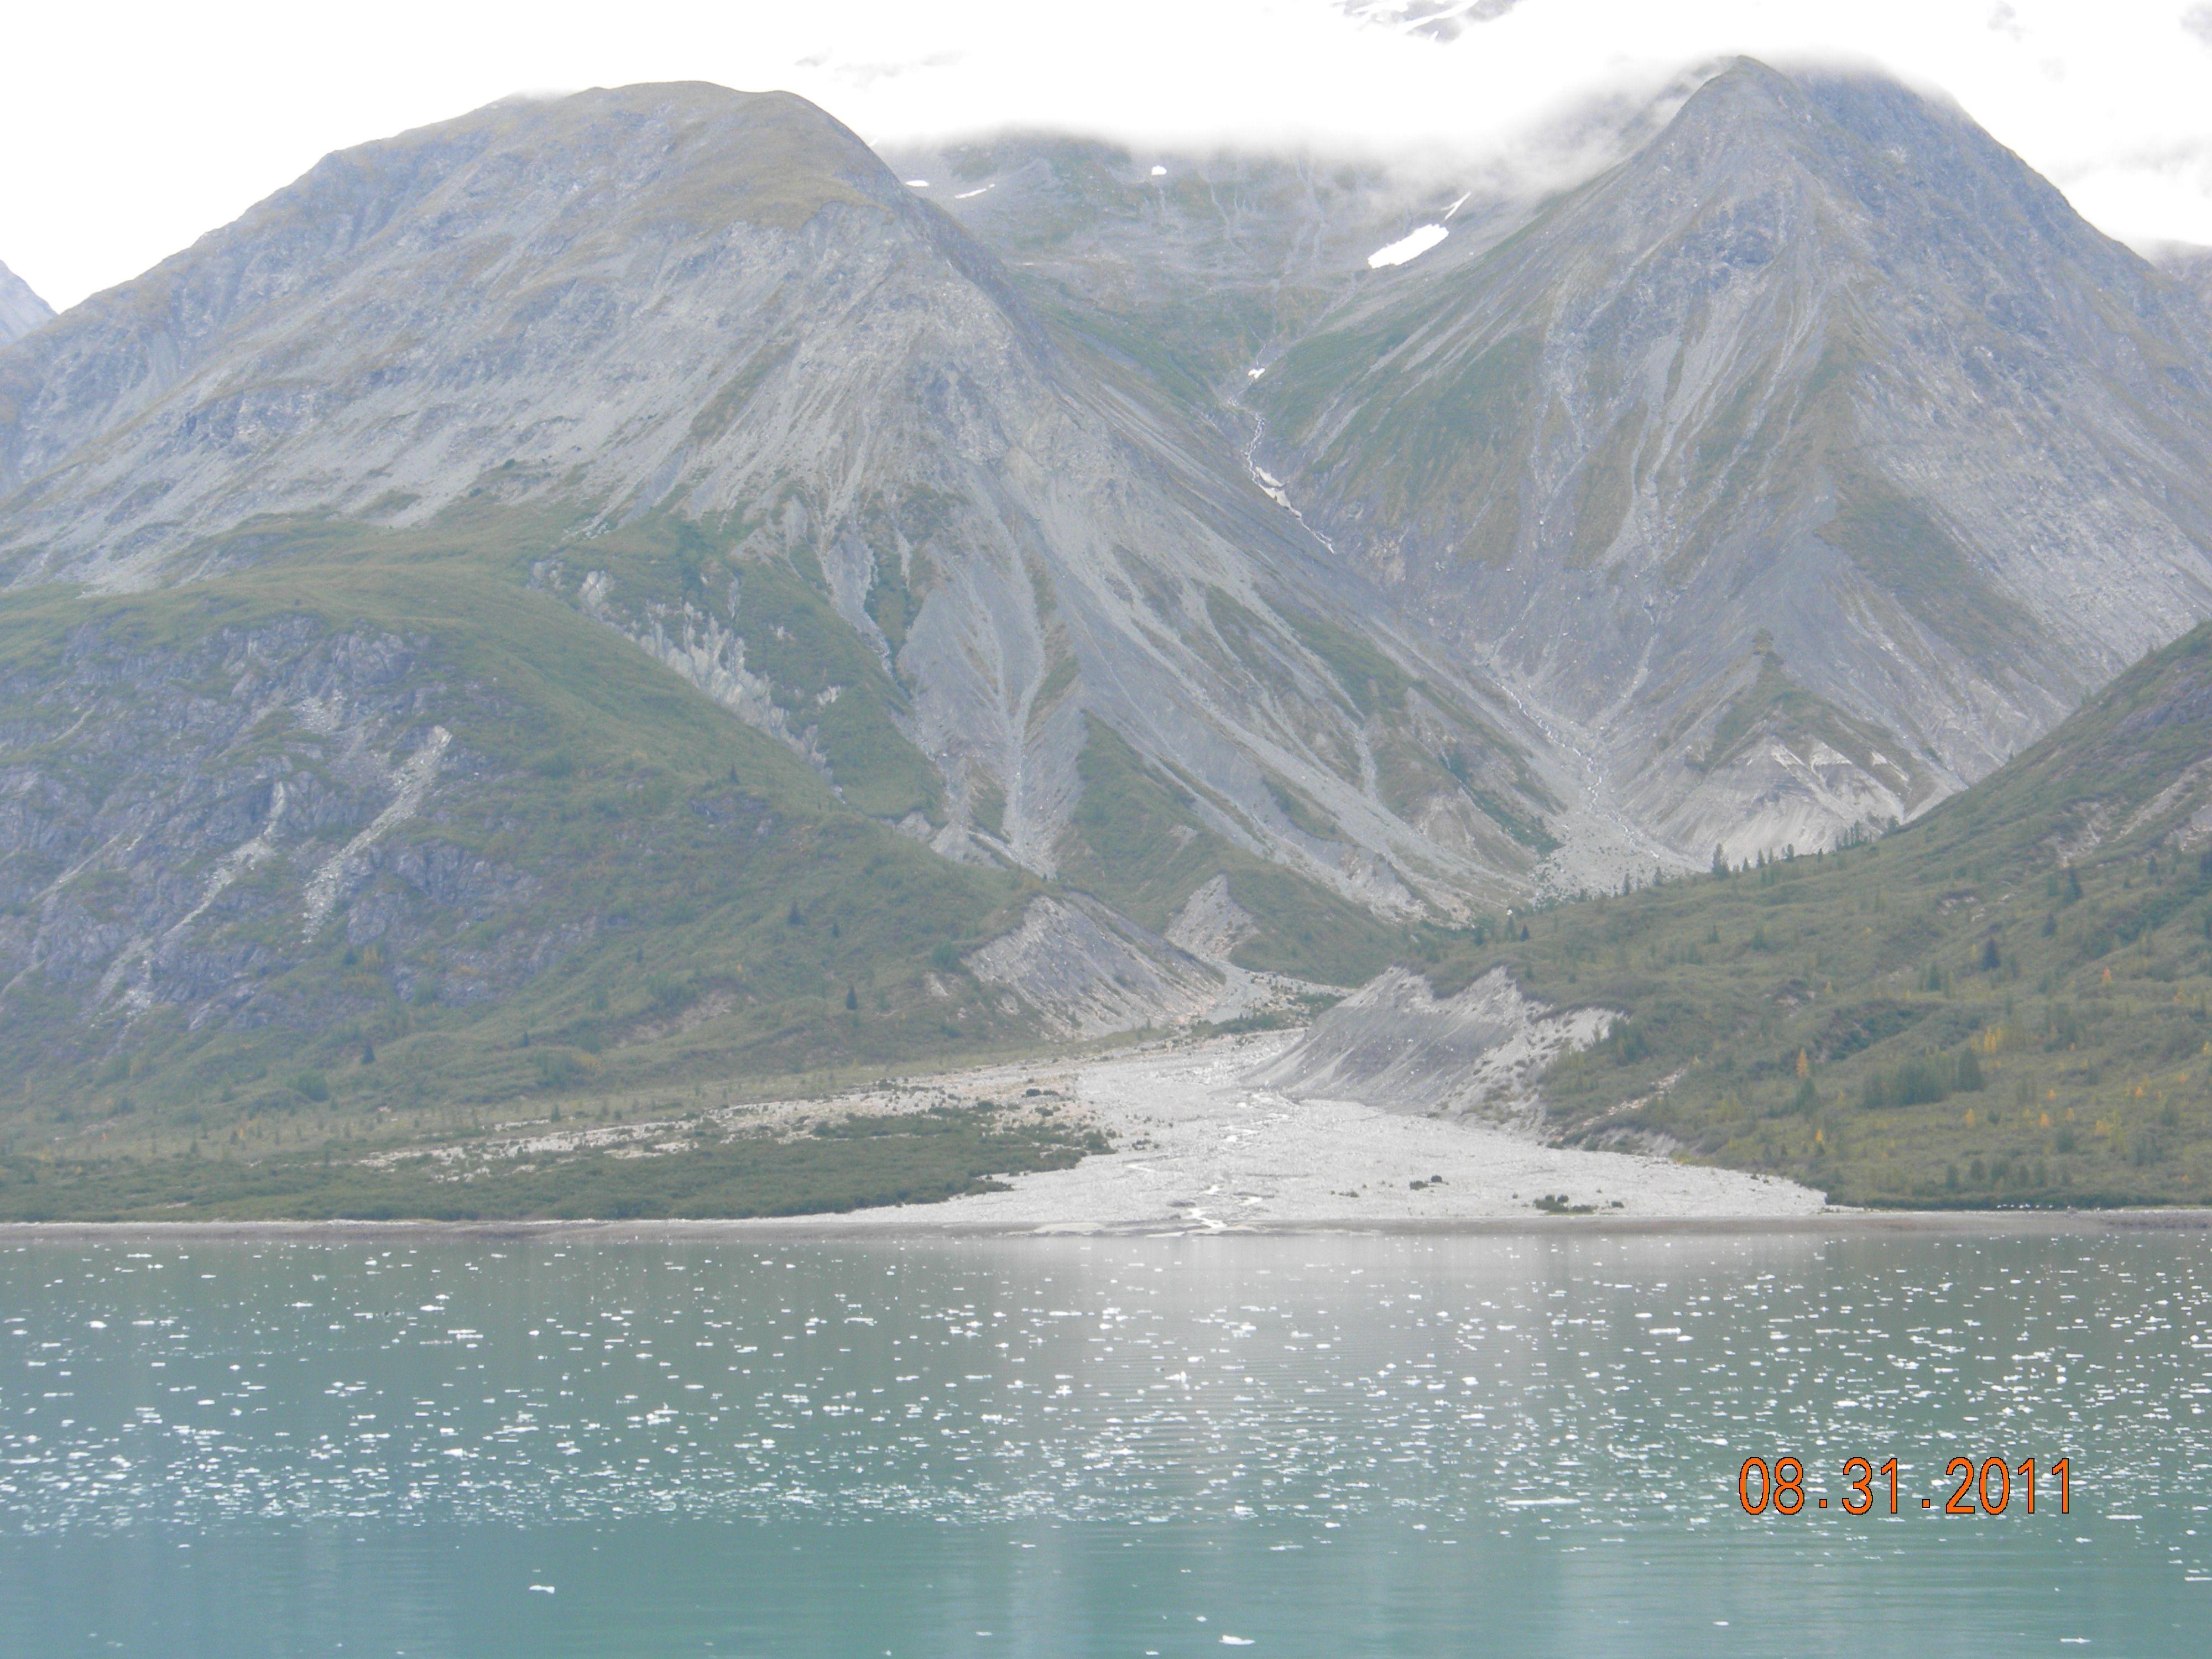 Summer 2011 in Alaska!